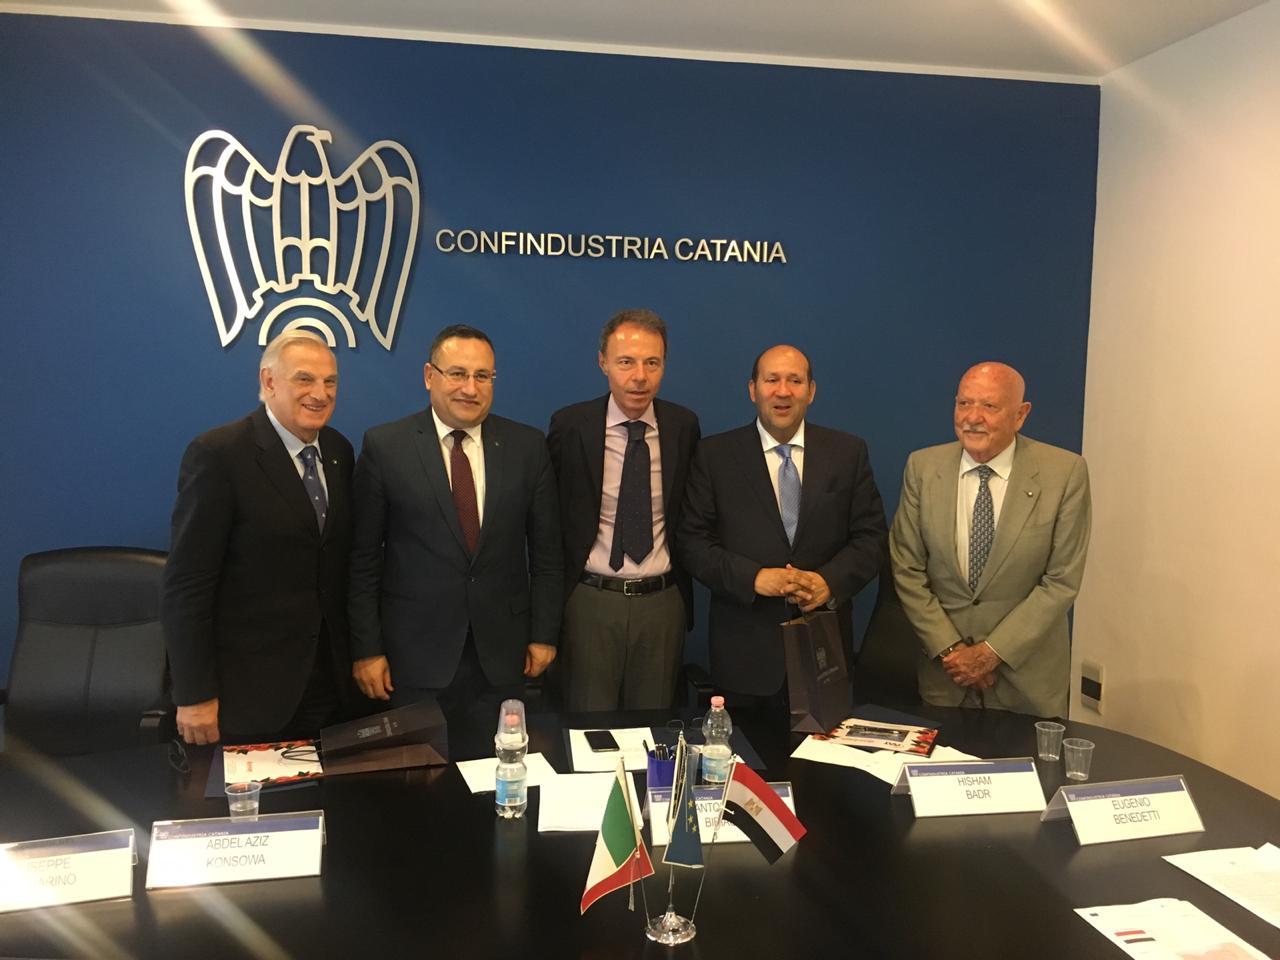 محافظ الاسكندرية يبحث تعزيز الاستثمار مع  اتحاد الصناعات بصقلية (3)